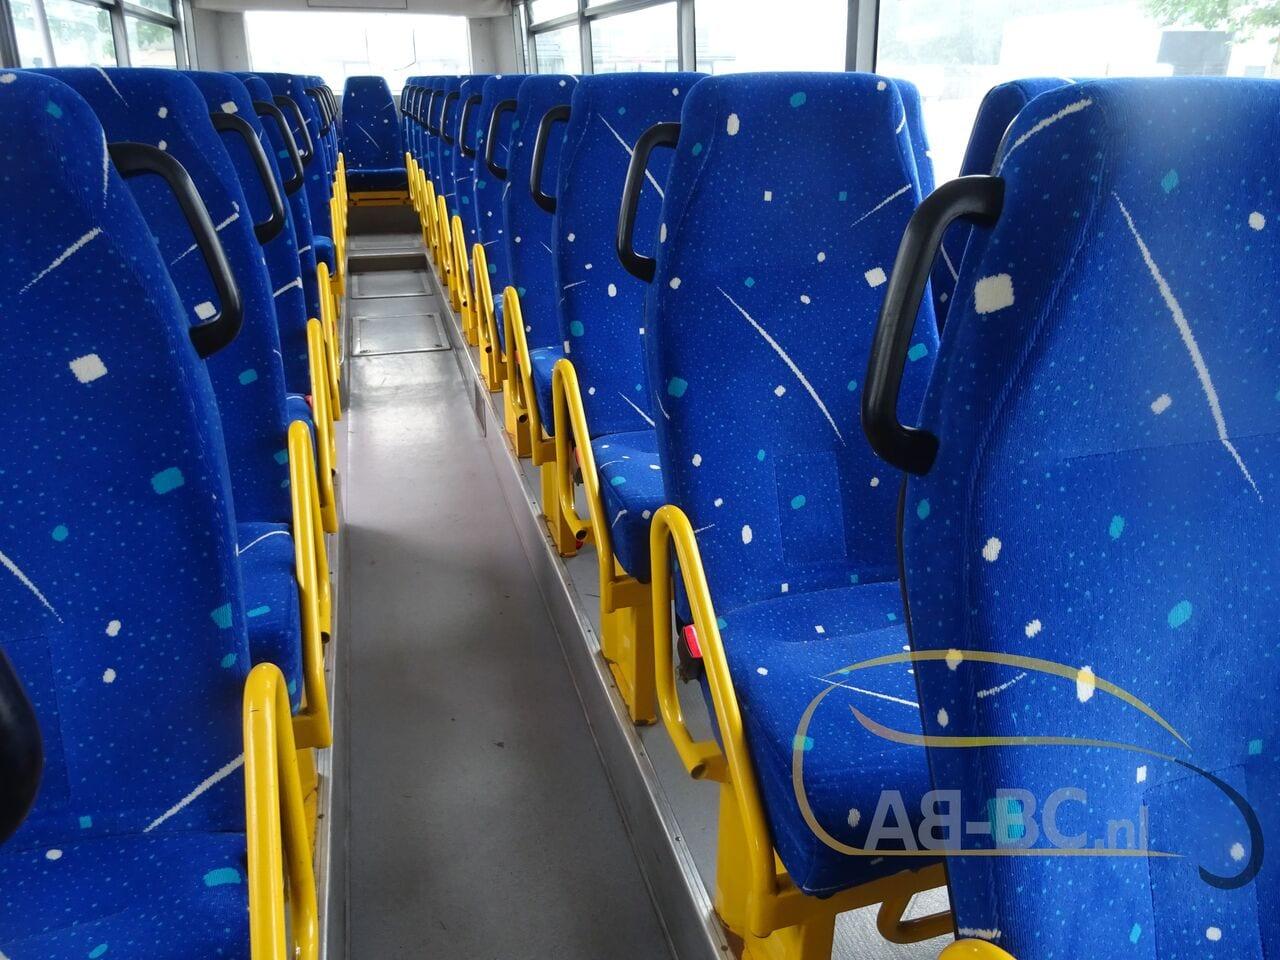 interurban-busIVECO-Irisbus-Recreo-64-Seats---1626160138367308620_big_3d20a85c519d18595a8ec826f4e34b59--21071309575983154500